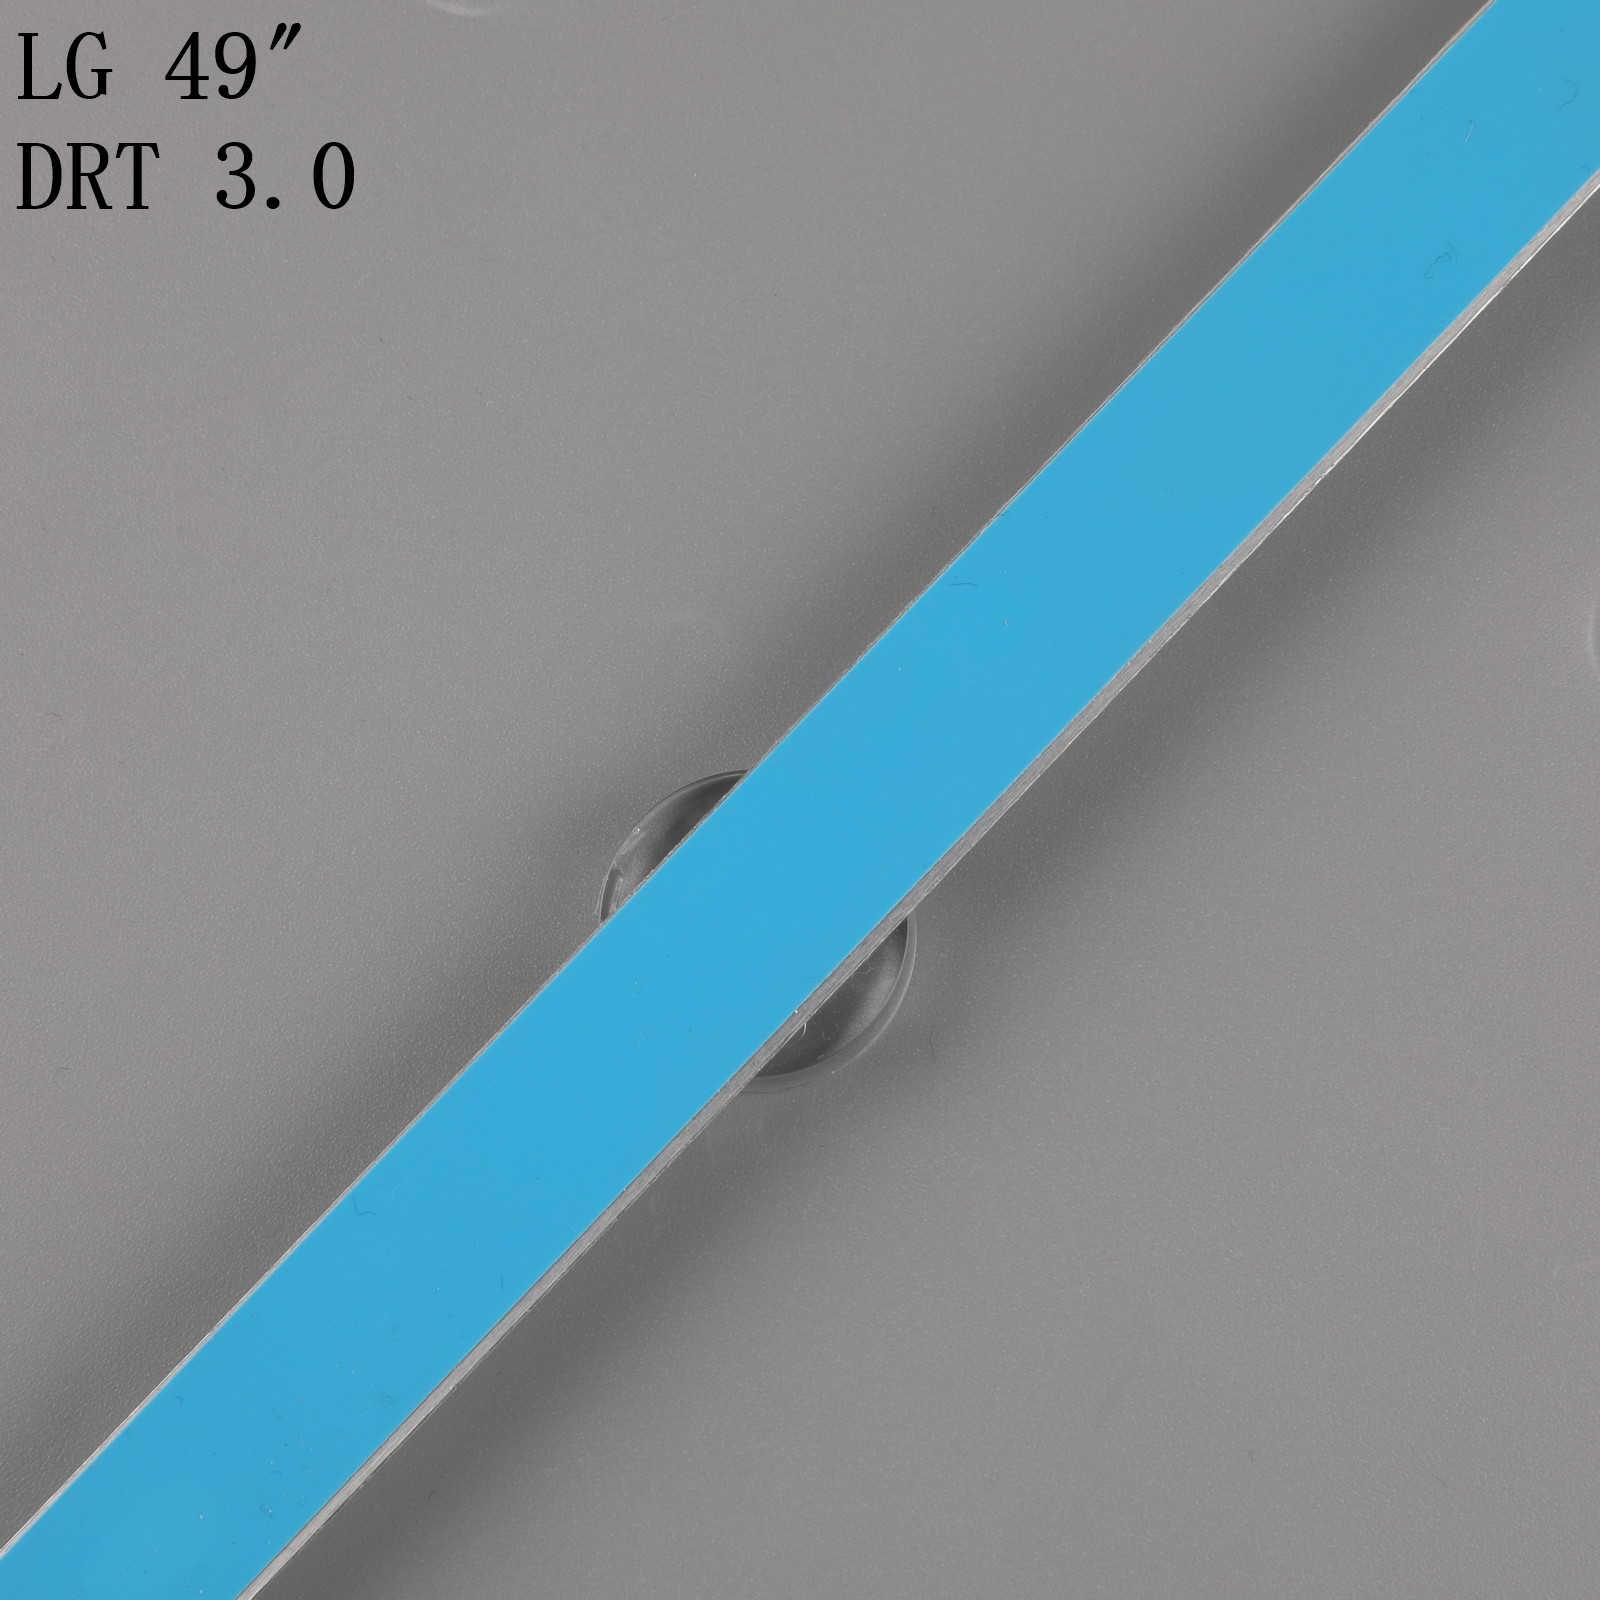 """10pcs LED רצועת עבור LG Innotek DRT 3.0 49 """"A/B 6916L 1788A 1789A 49LB580V 49LB585V 49LB5610 49LB5800 49LB580N LC490DUE חדש"""